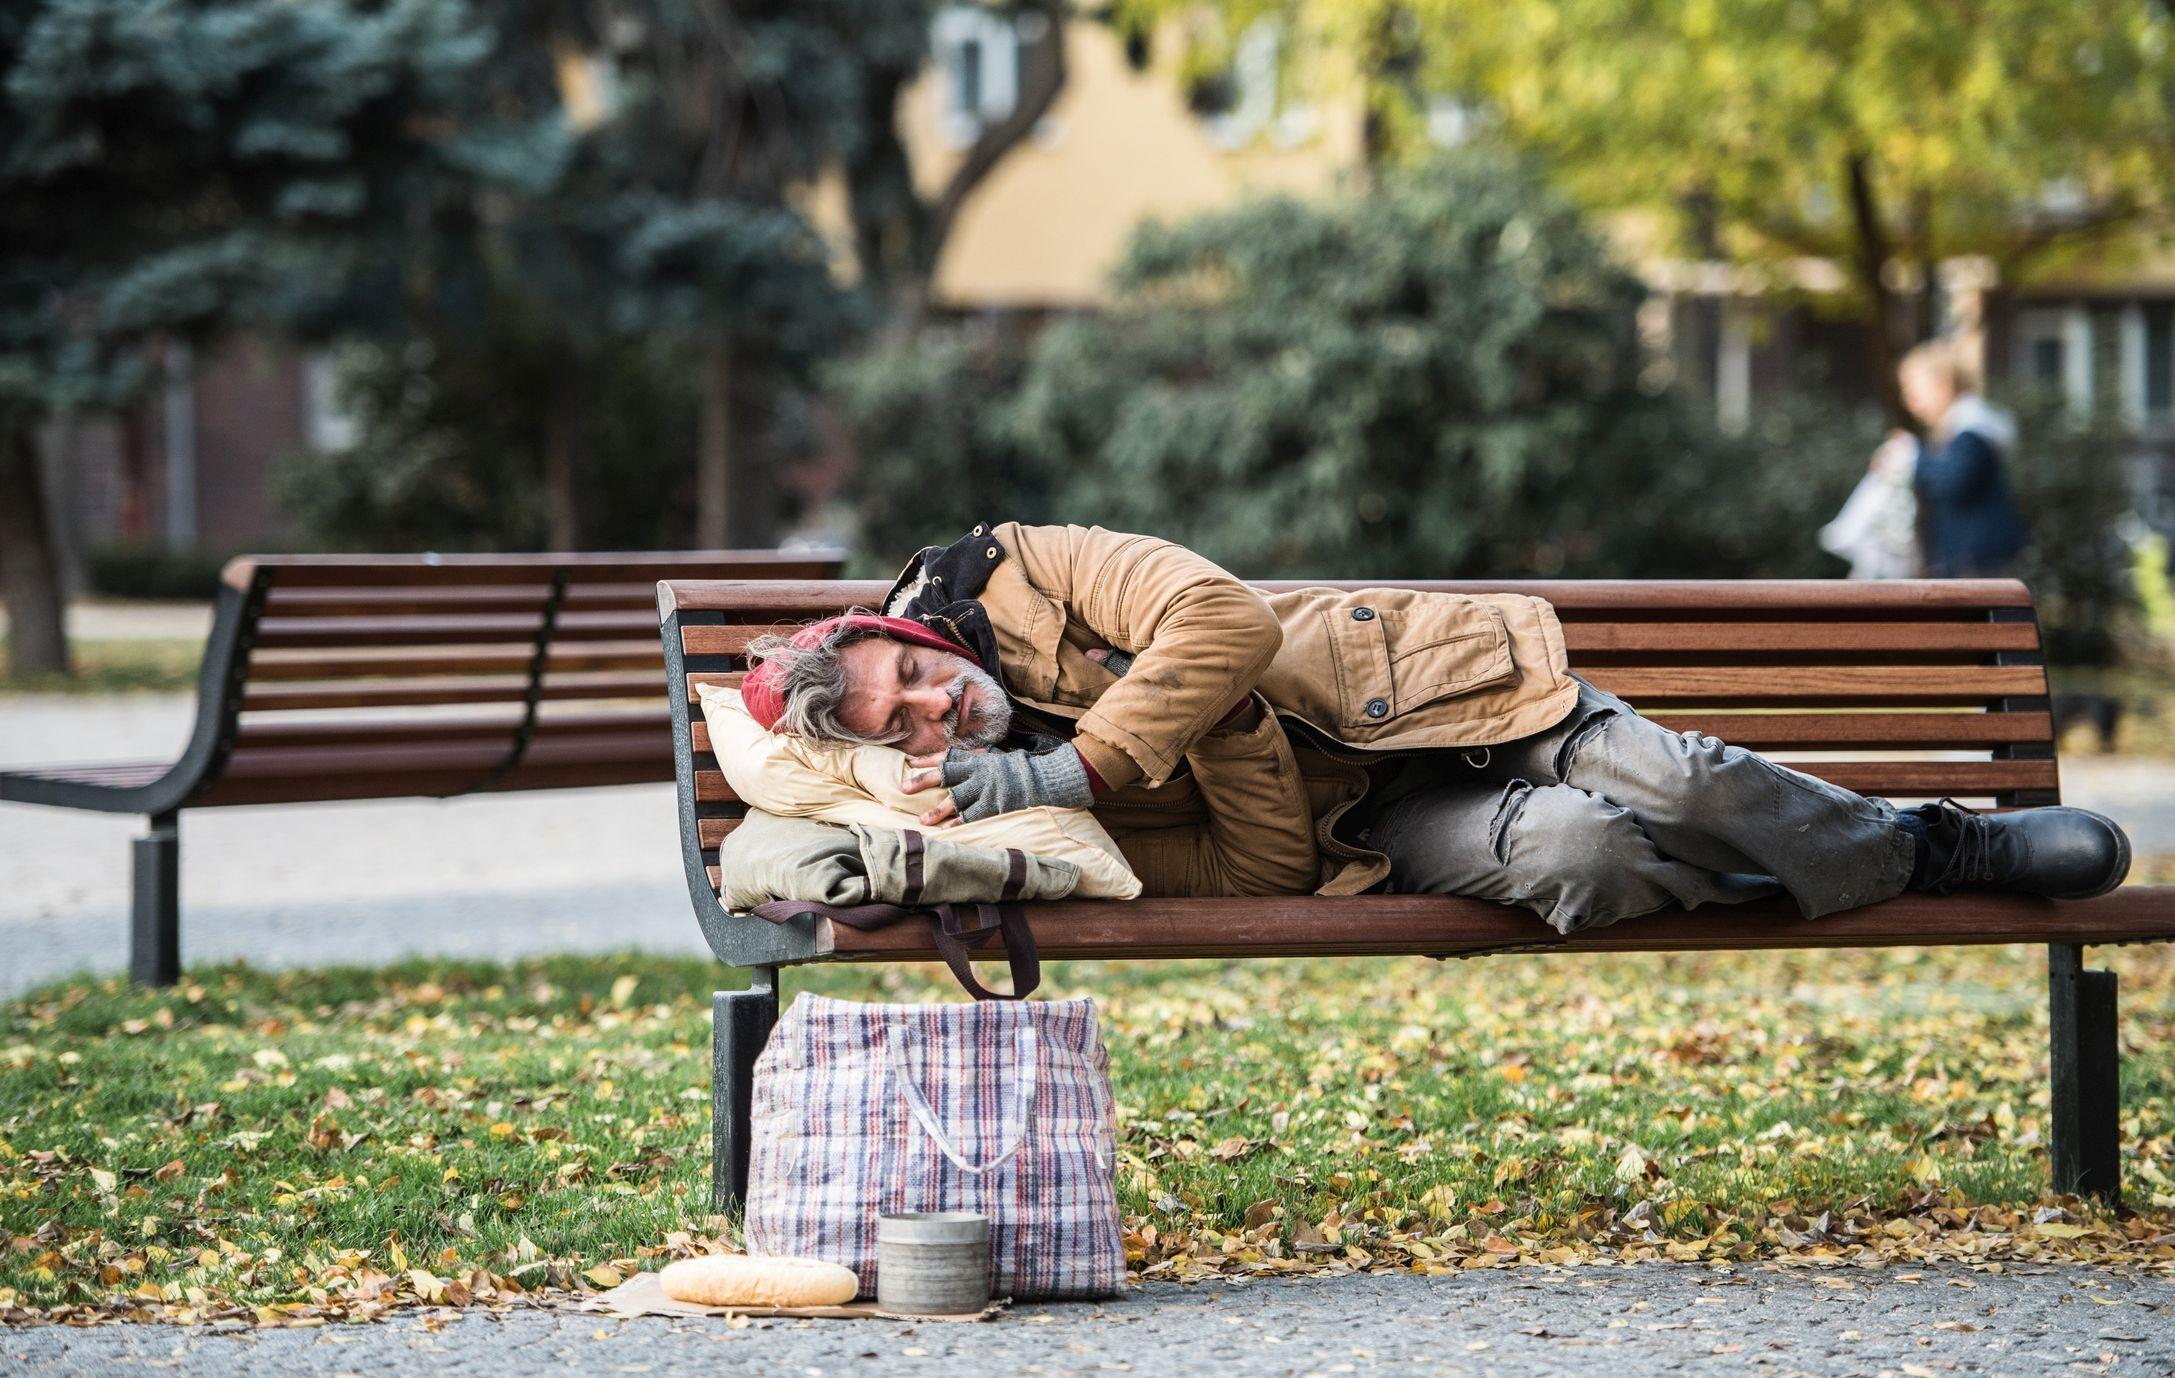 Armut und Gesundheit